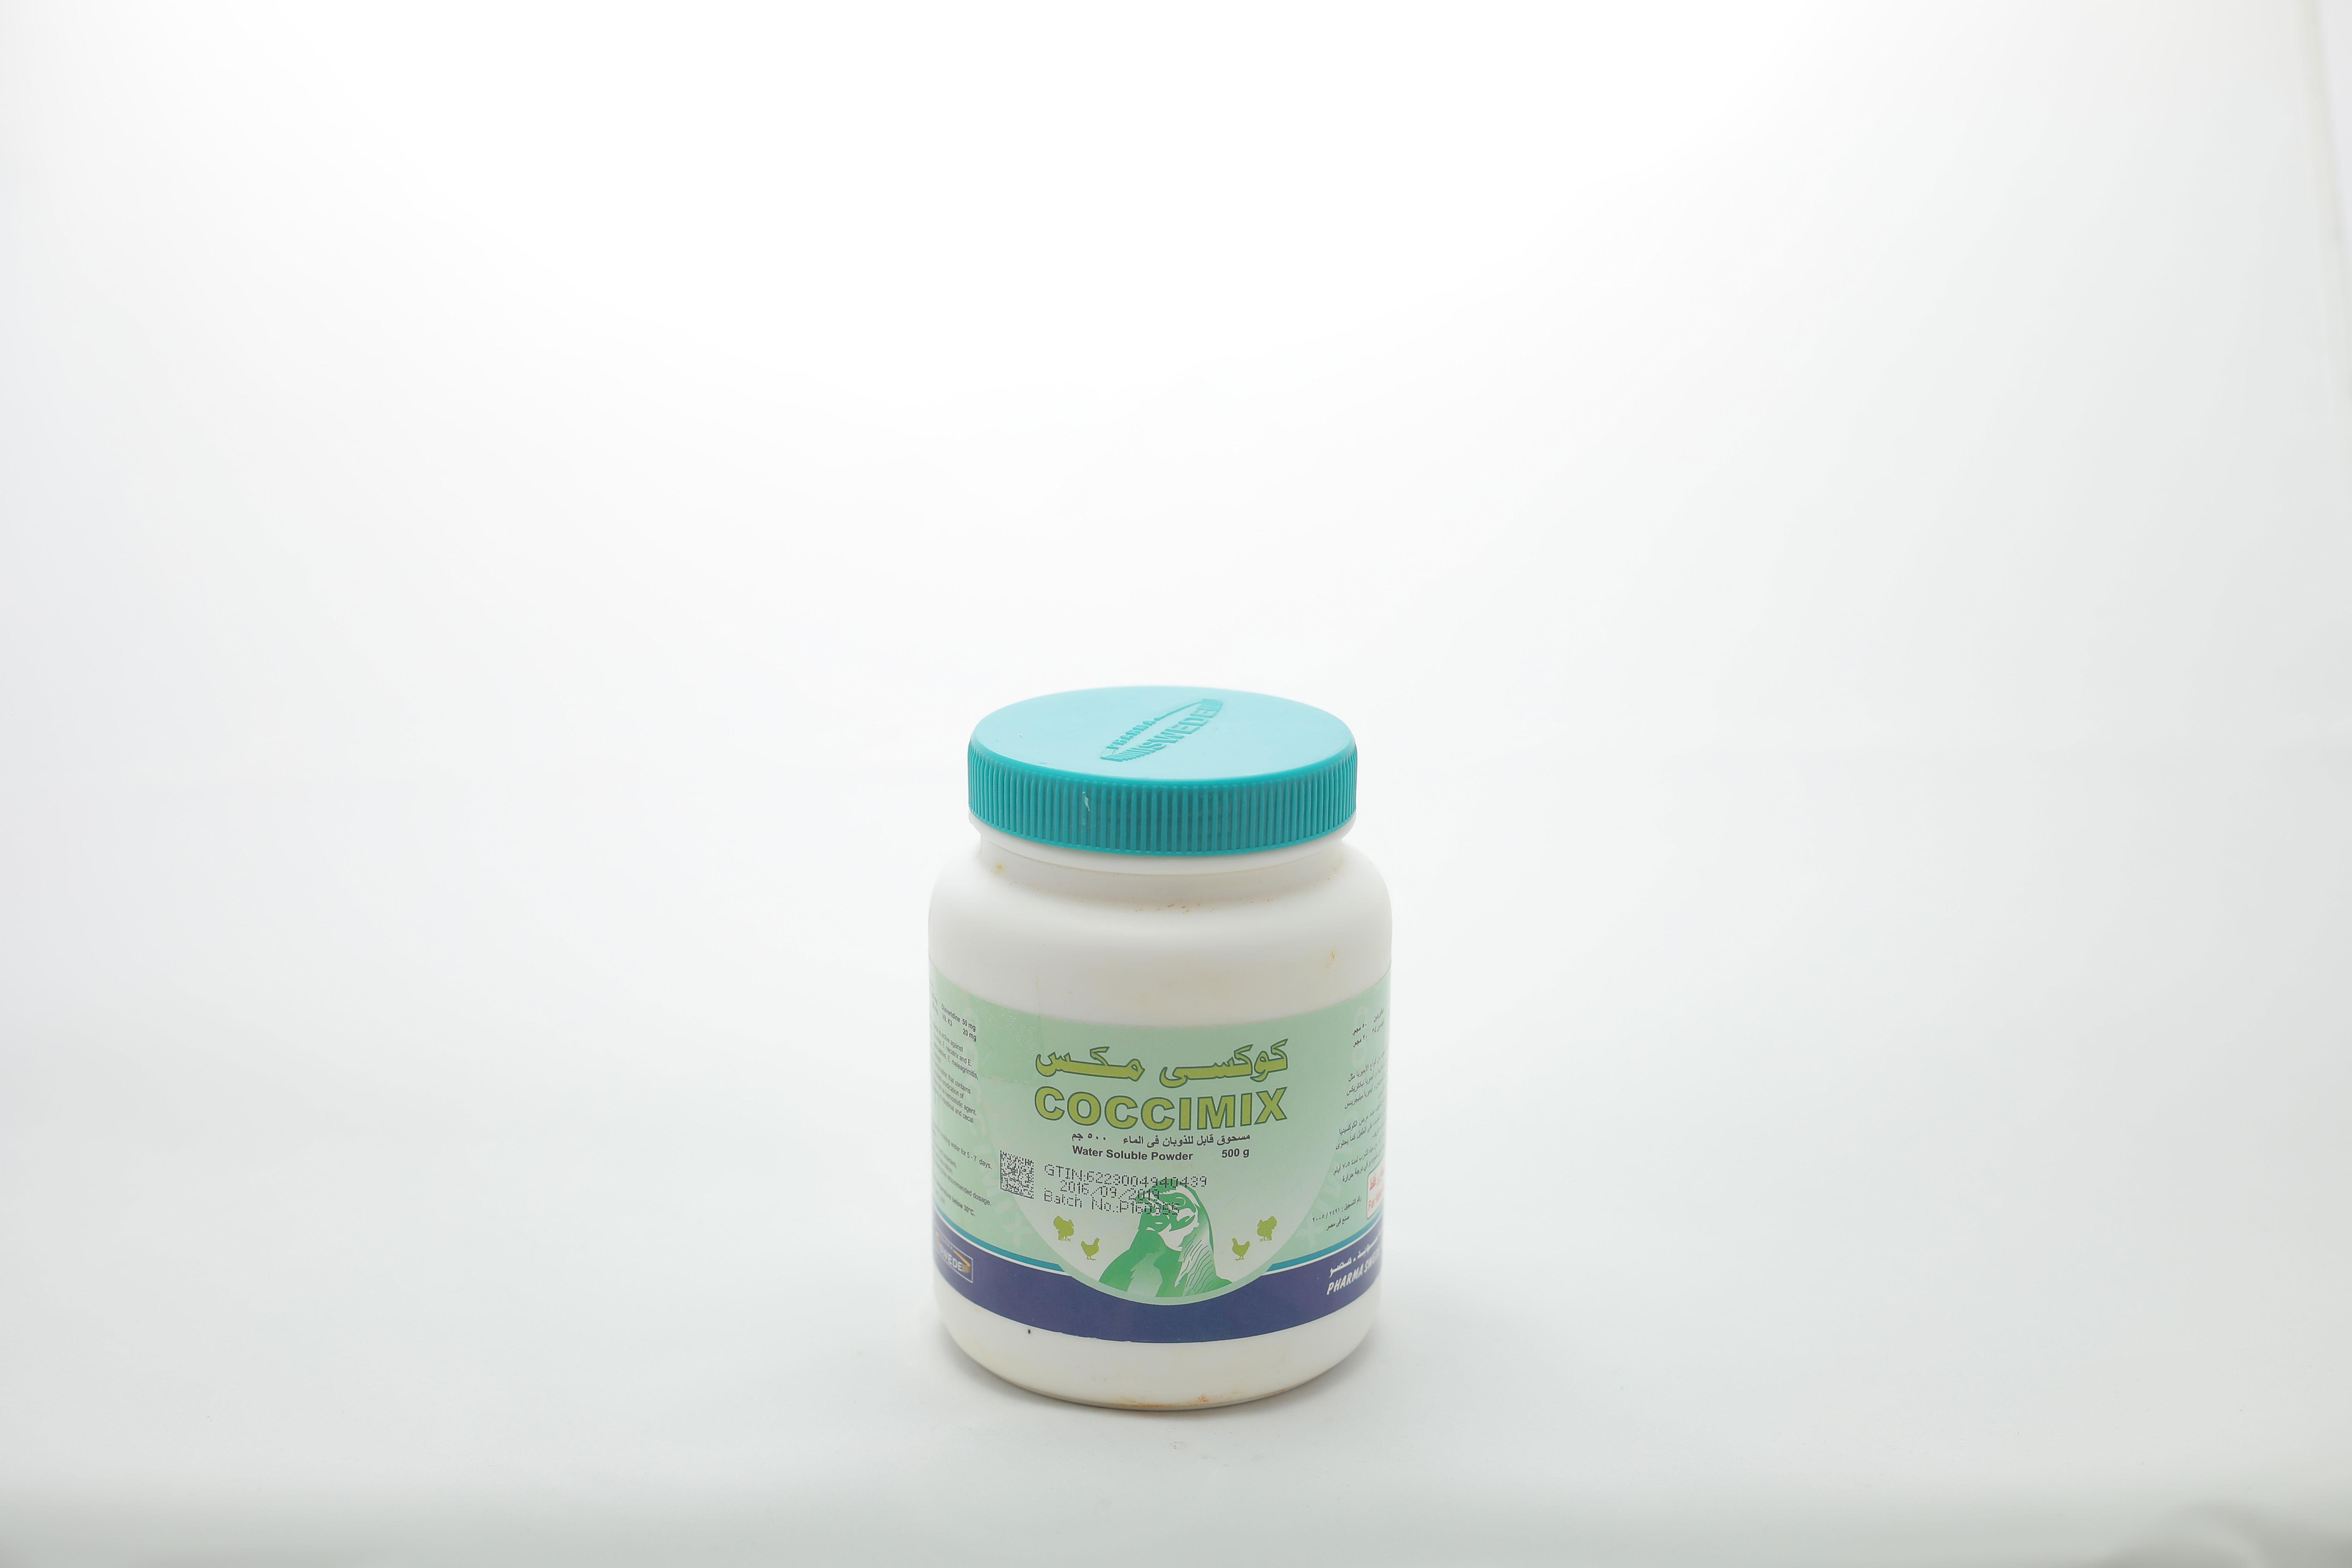 Coccimix Powder